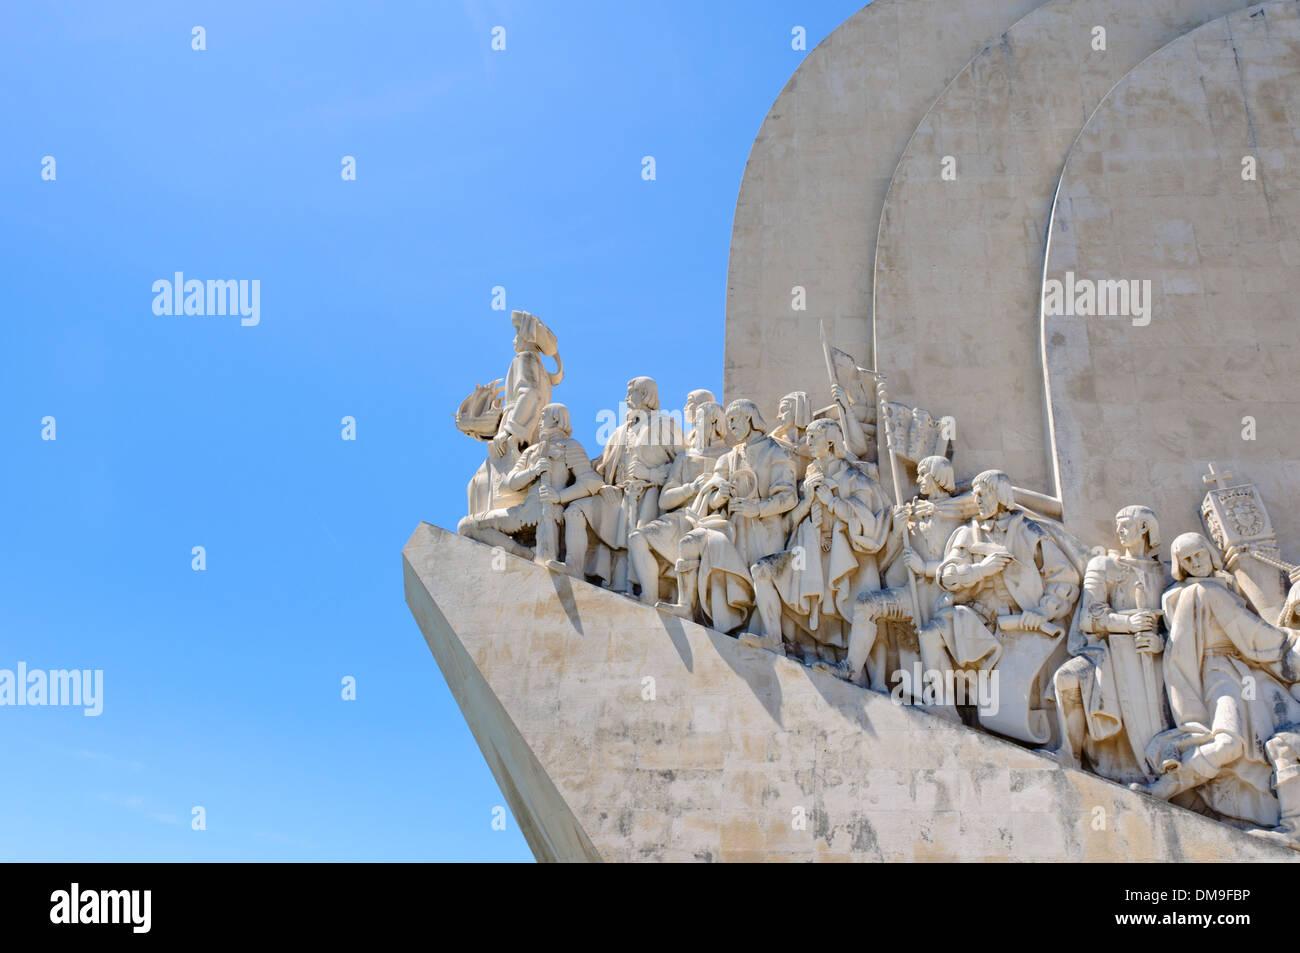 Denkmal der Entdeckungen, Padrão Dos Descobrimentos, Lissabon, Portugal, Europa Stockbild